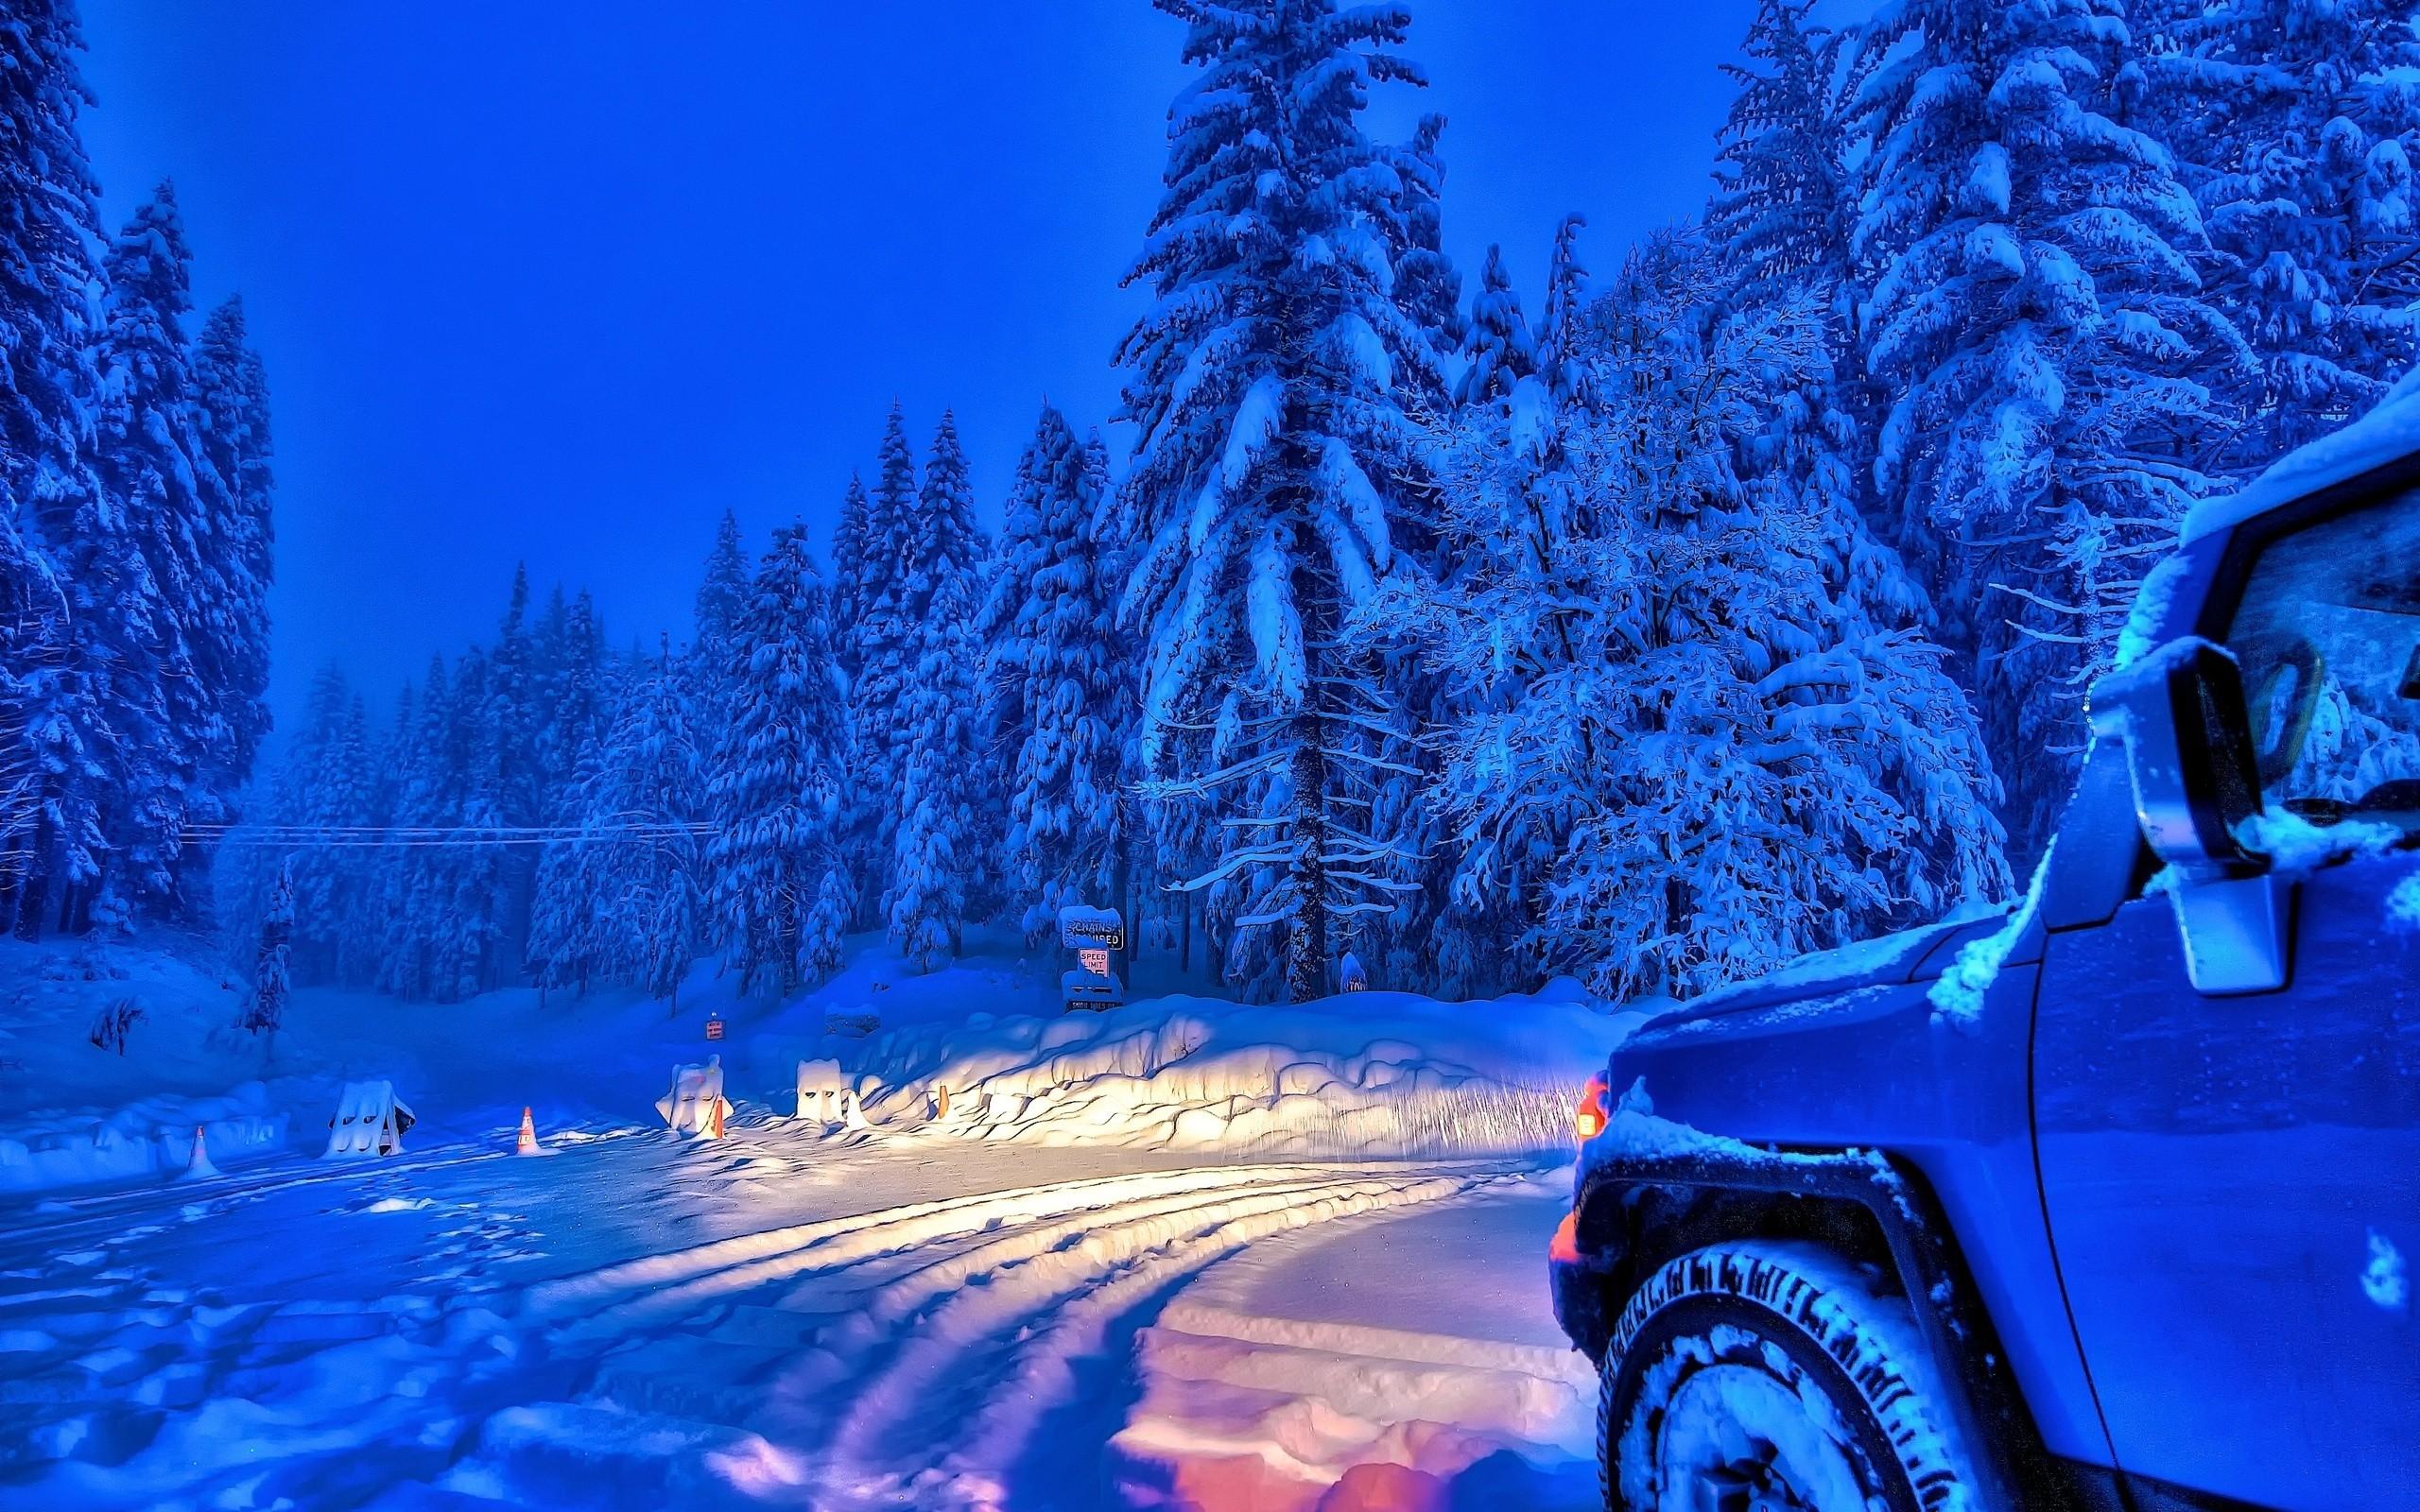 фото обои авто в снегу подметили среде автолюбителей